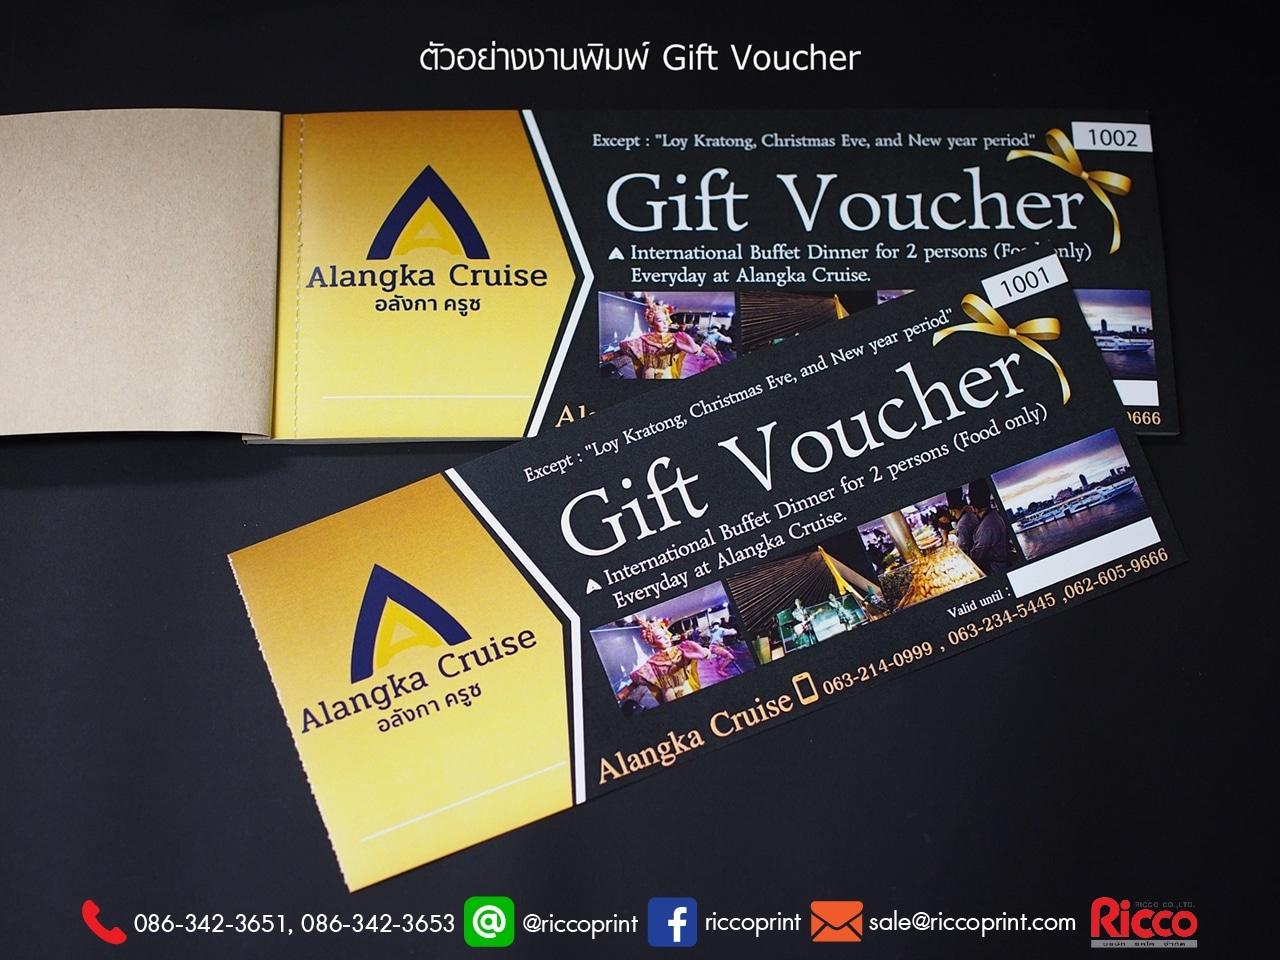 รูป Coupon Gift Voucher 2020 AlangkaCruise - ประกอบเนื้อหา คูปอง บัตรกำนัล ตั๋ว